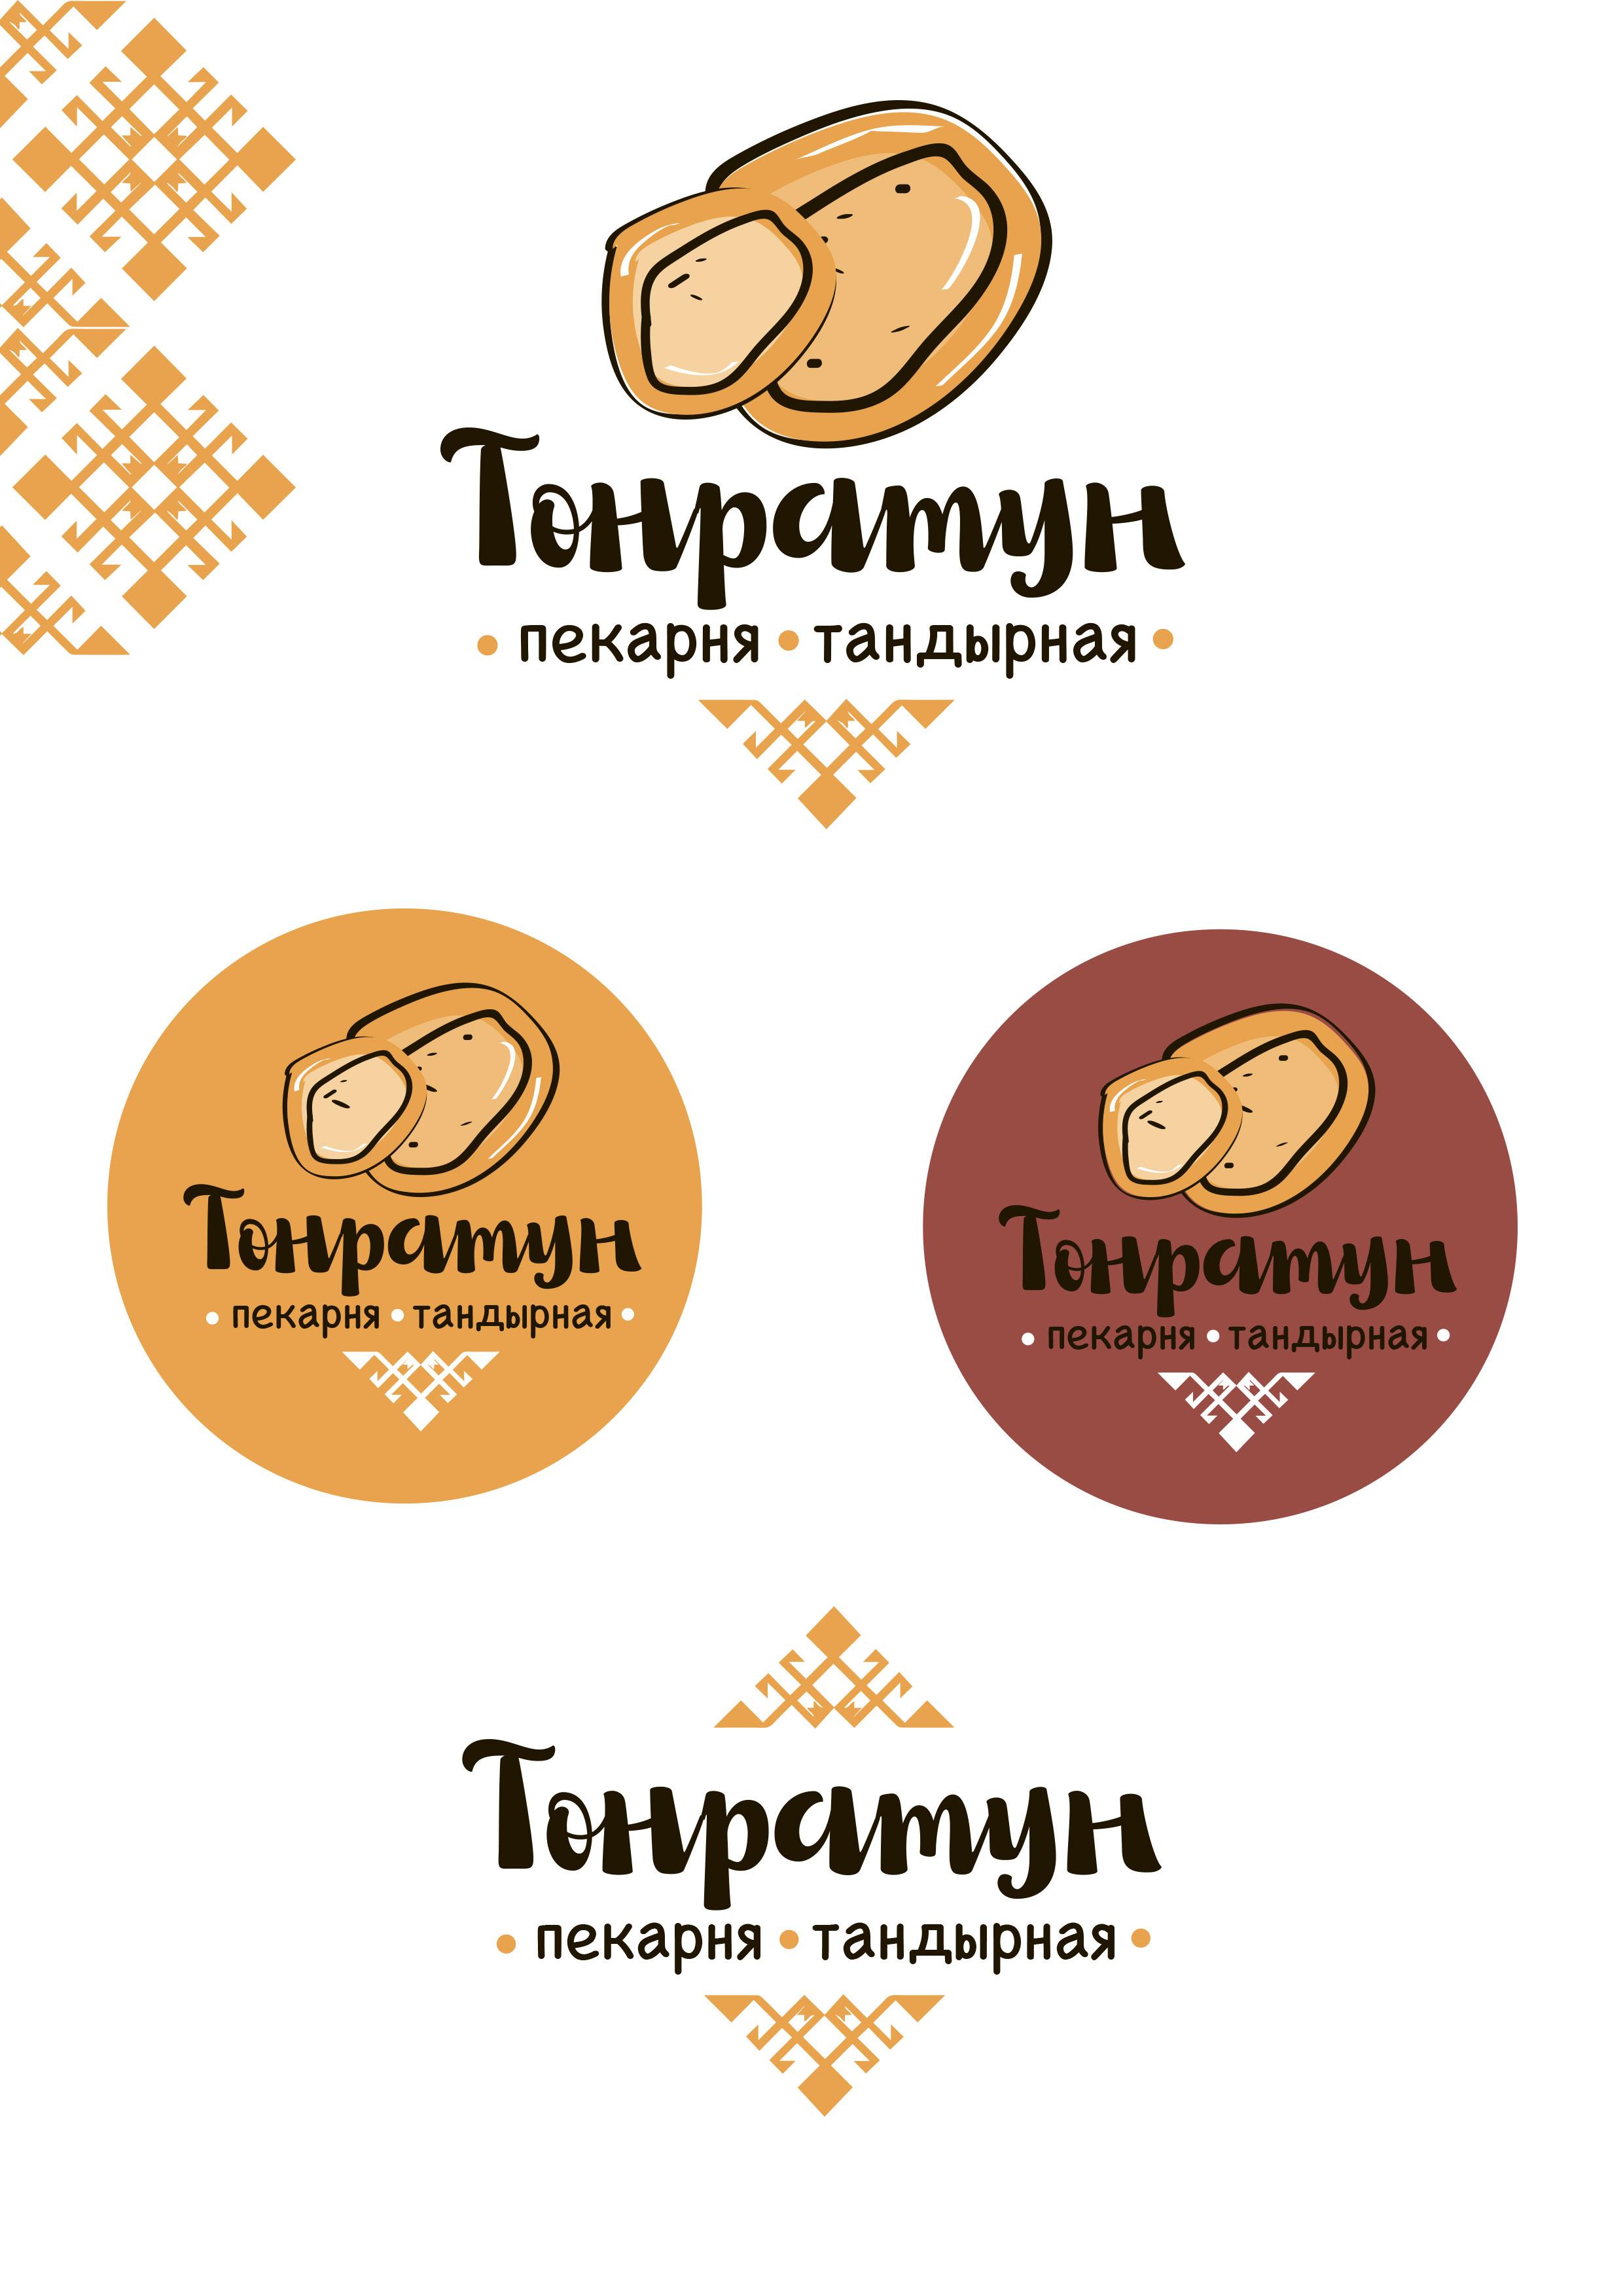 Логотип для Пекарни-Тандырной  фото f_8515d92089b60959.jpg